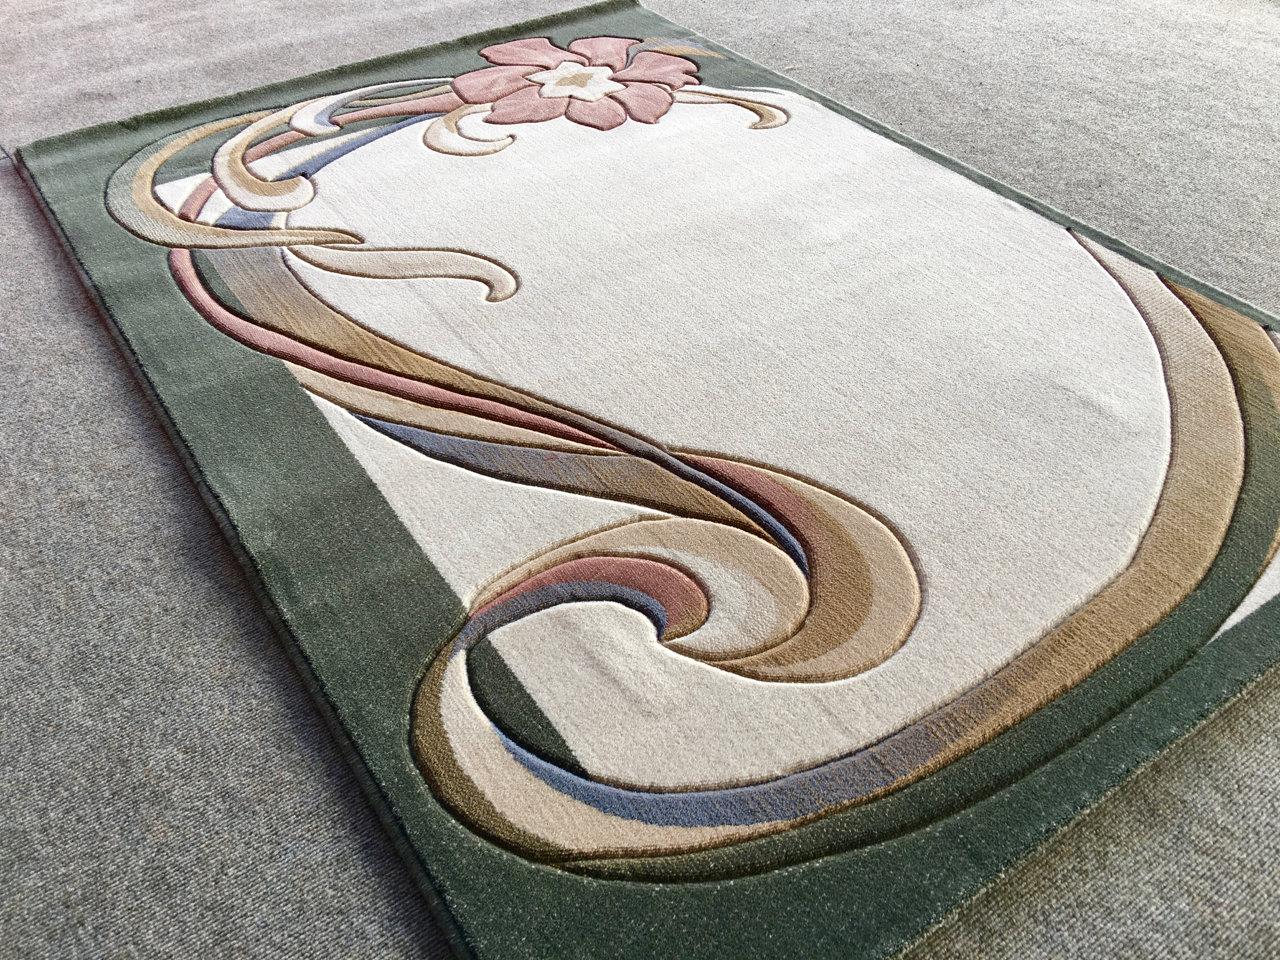 Защо да изберете нас при покупка на килим или пътека?